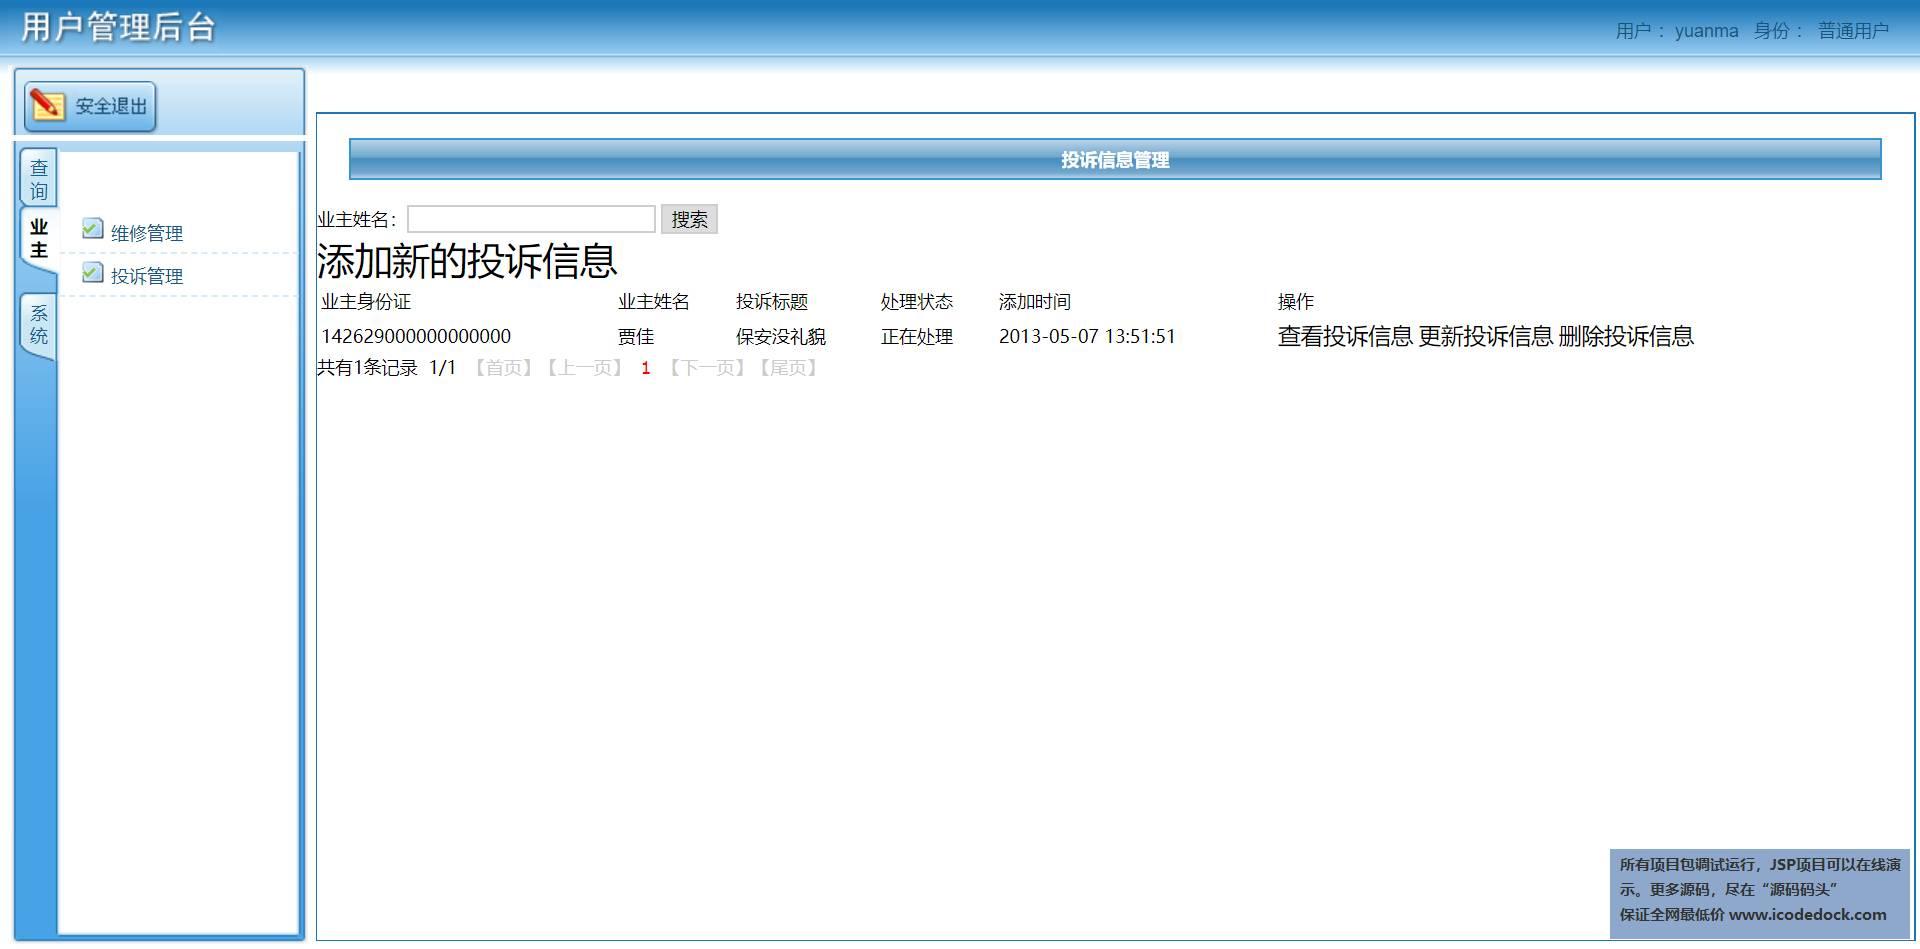 源码码头-SSH物业管理系统-用户角色-投诉管理